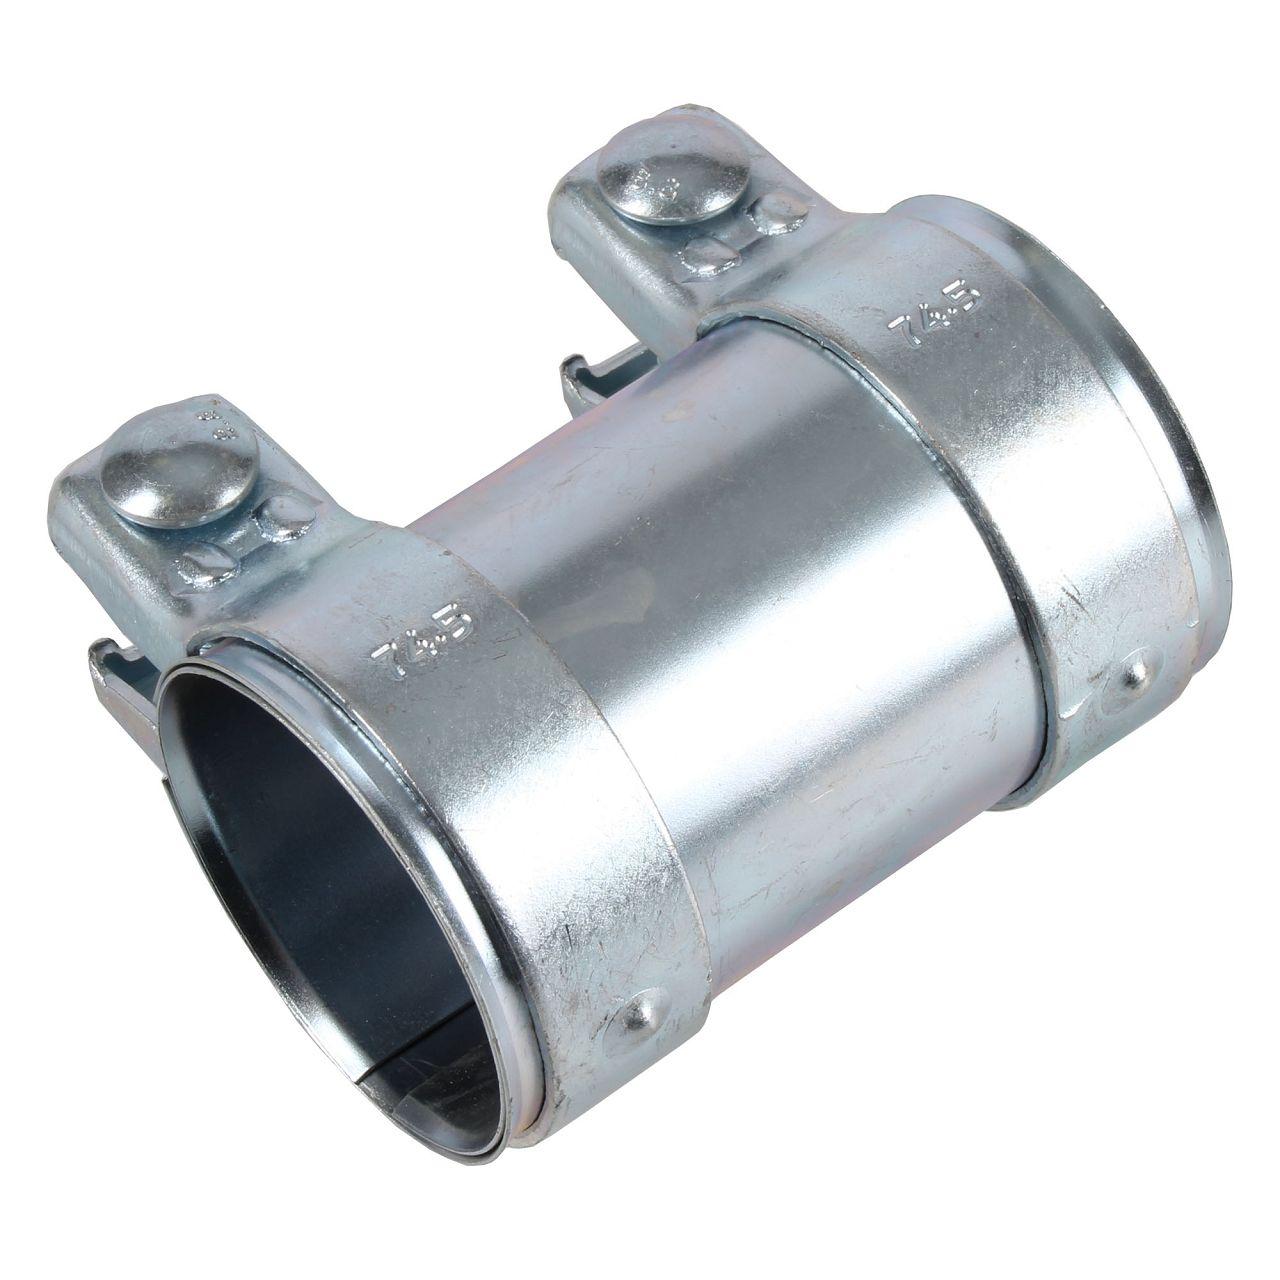 Rohrverbinder Doppelschelle Auspuff Abgasanlage Ø 70 mm x Länge 125 mm